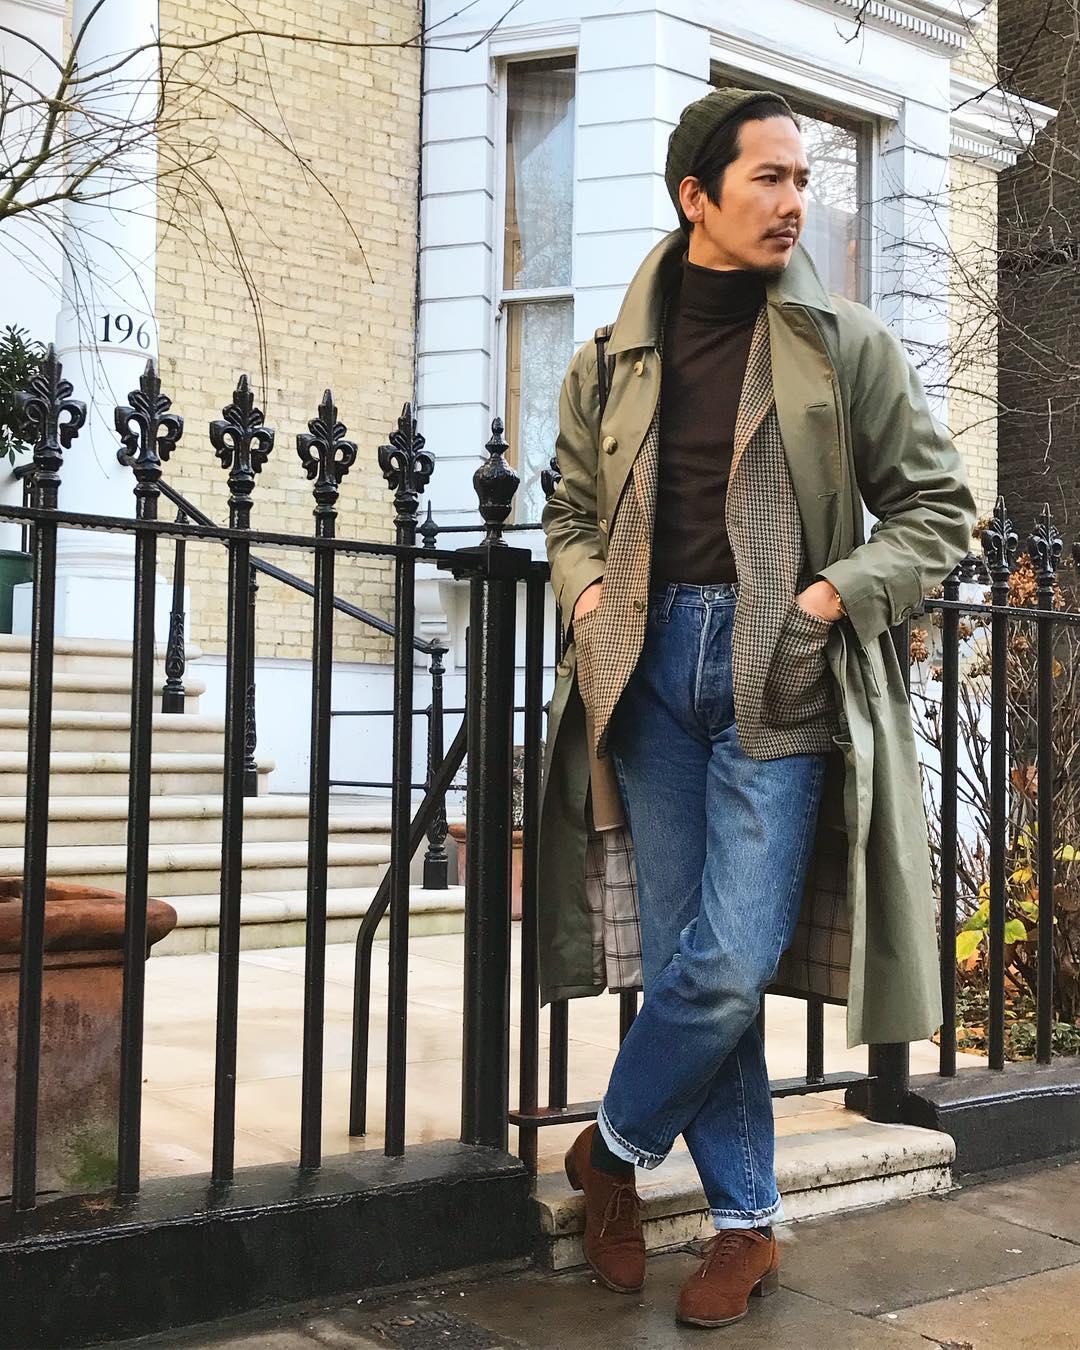 Le jeans est une pièce qui revient de plus en plus dans les vestiaires sartoriaux malgré son origine workwear.